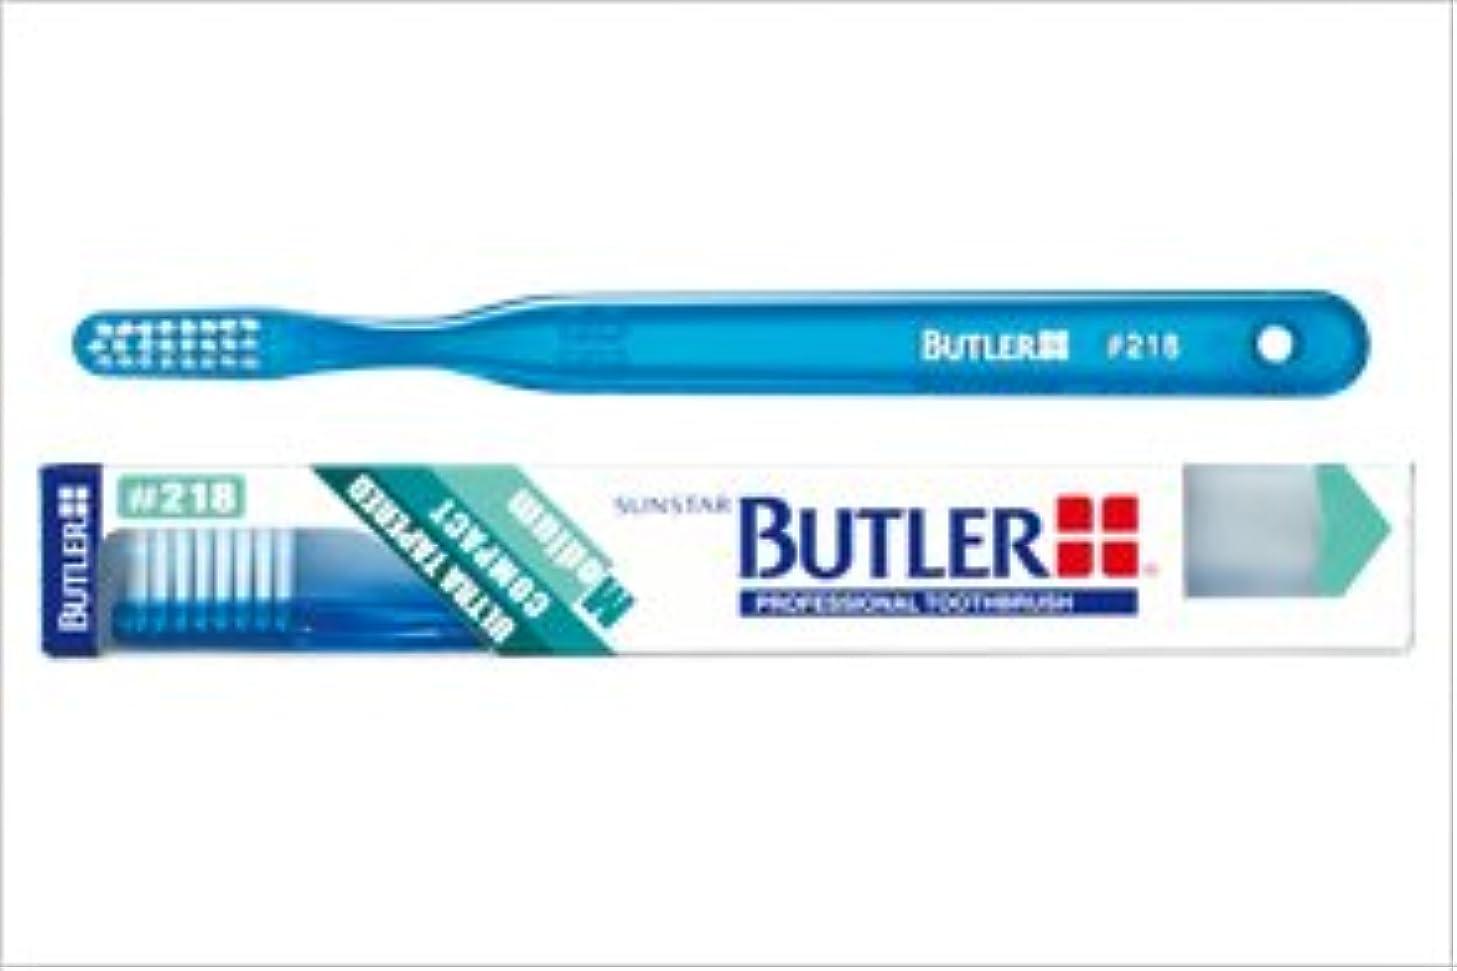 お世話になった前提偉業サンスター/バトラー歯科用バトラー #218 12本 ふつうコンパクトヘッド 6色一般用(3列フラット)